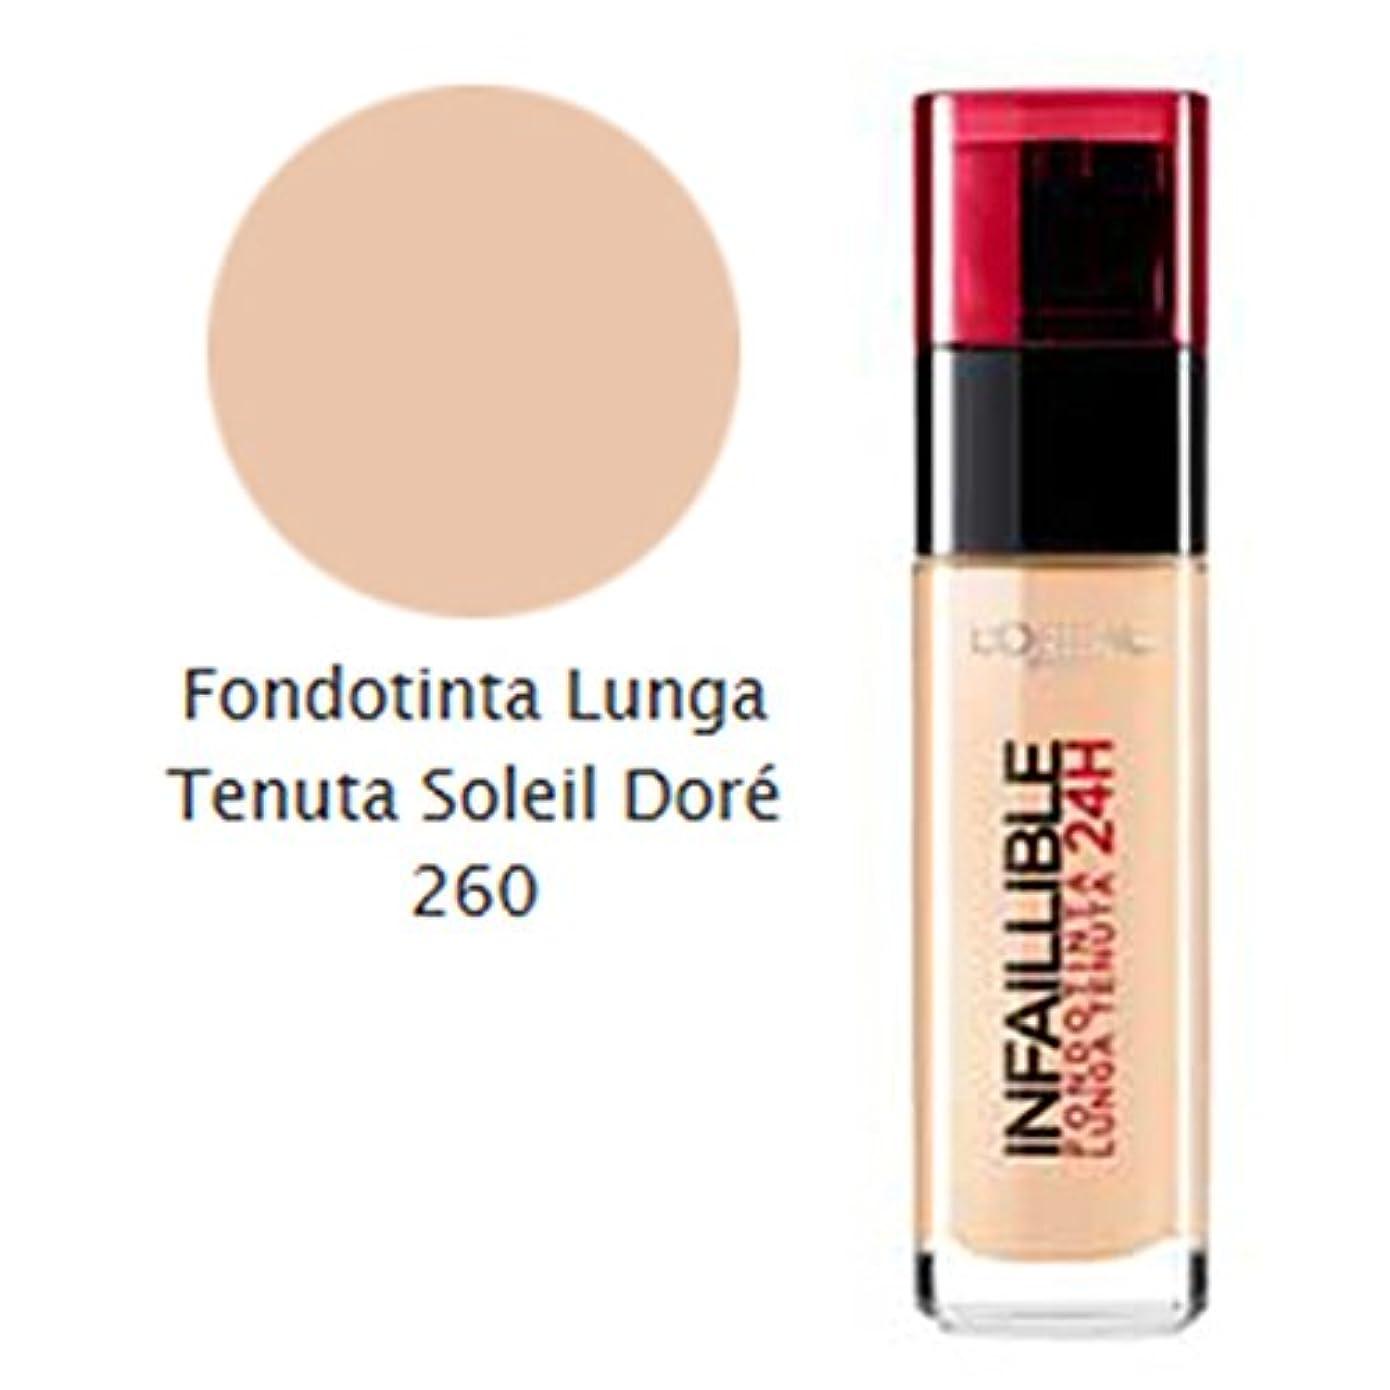 感謝している艶状況L'OREAL Foundation Infaillible 24H 260 Soleil Dore Verfassung Und Kosmetik